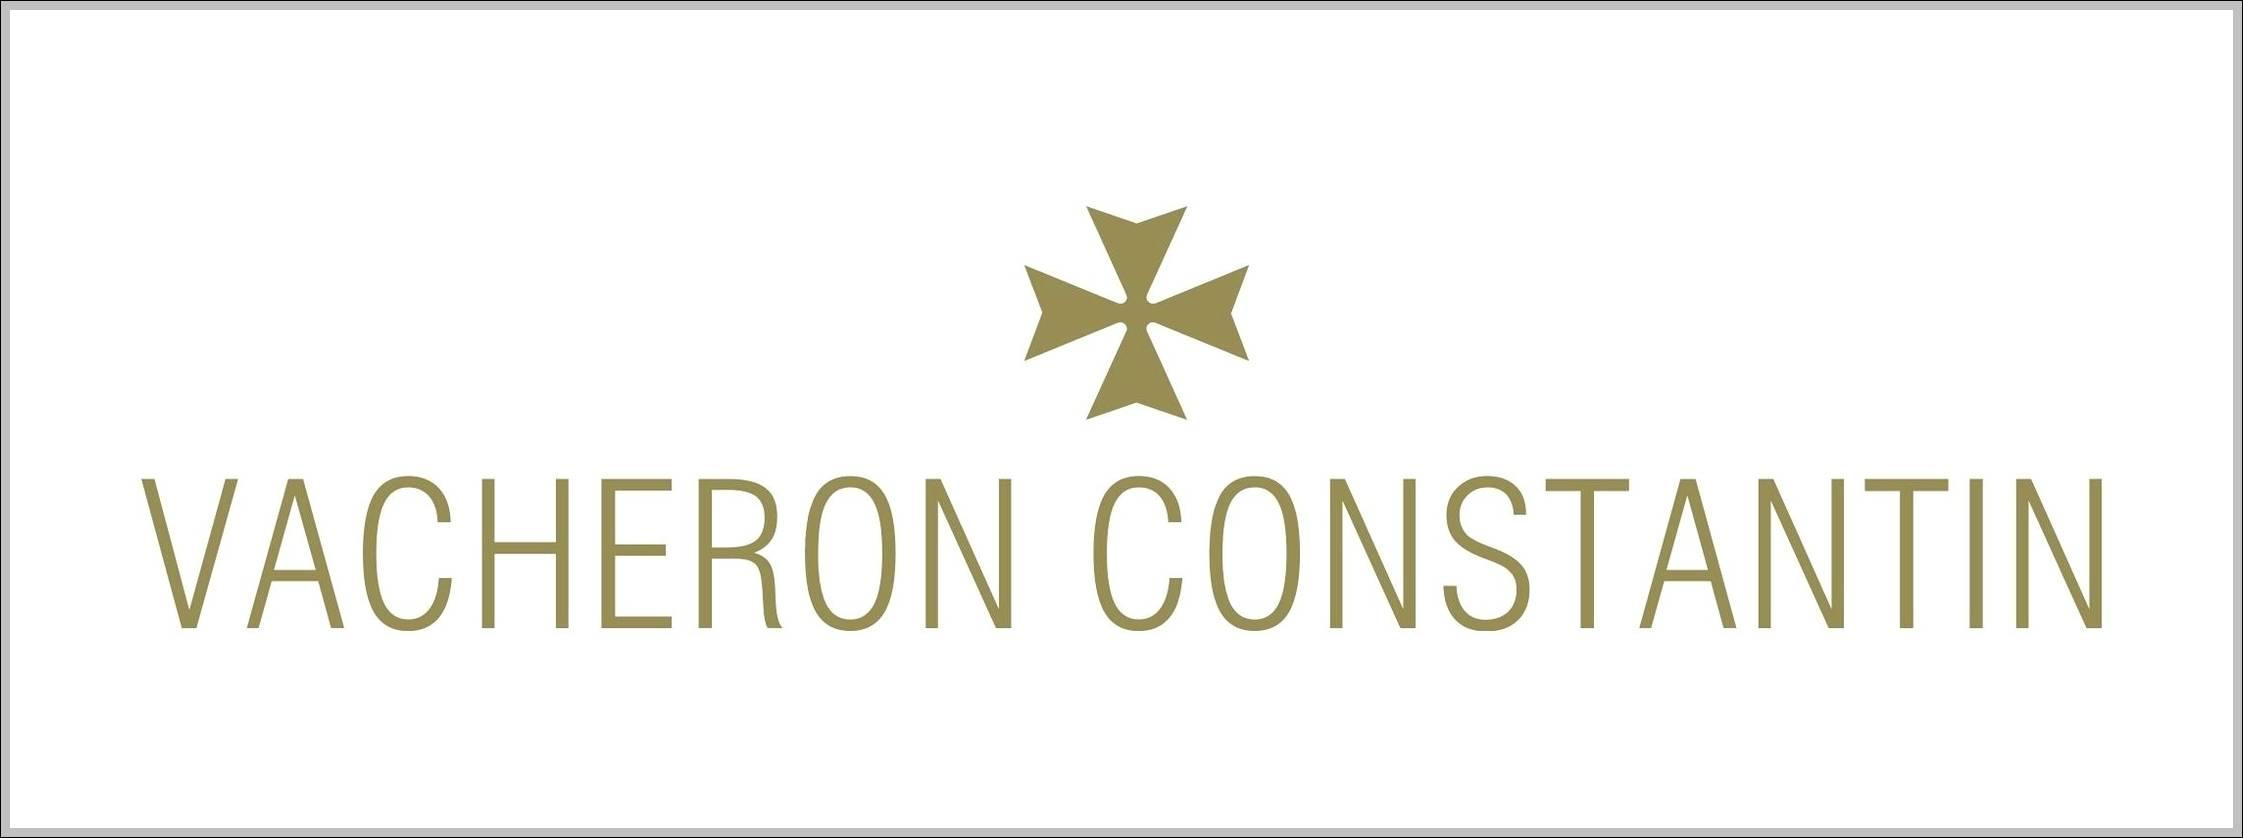 Vacheron Constantin logo old